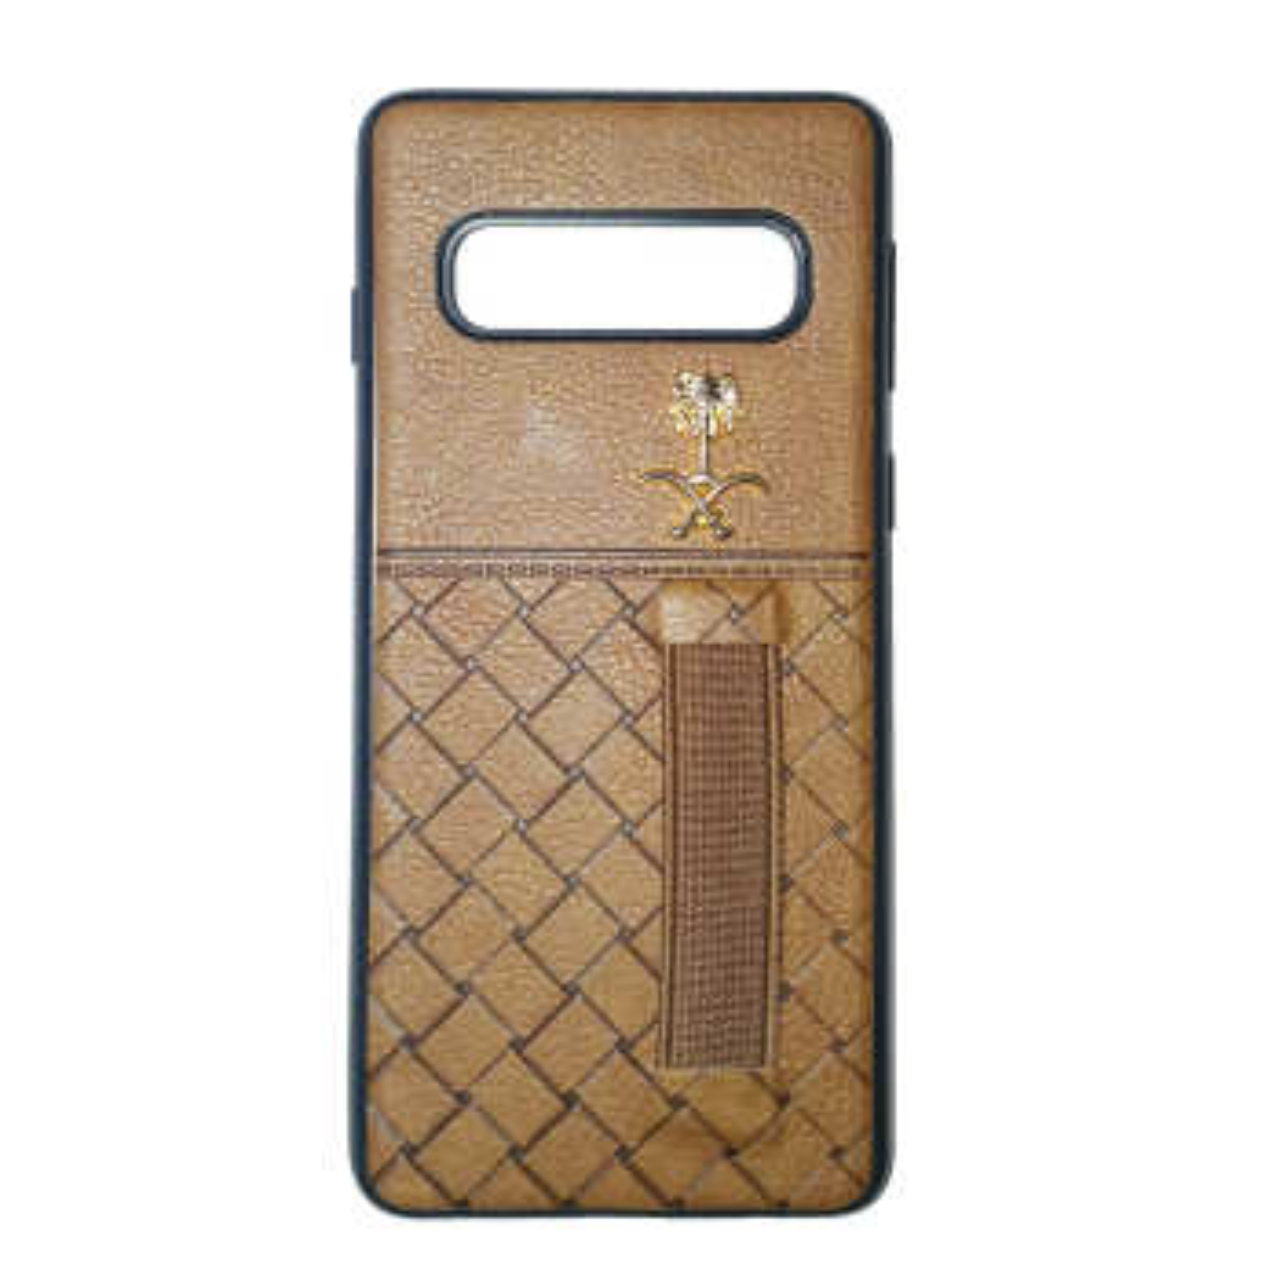 کاور مدل Sb-01 مناسب برای گوشی موبایل سامسونگ Galaxy S10 plus